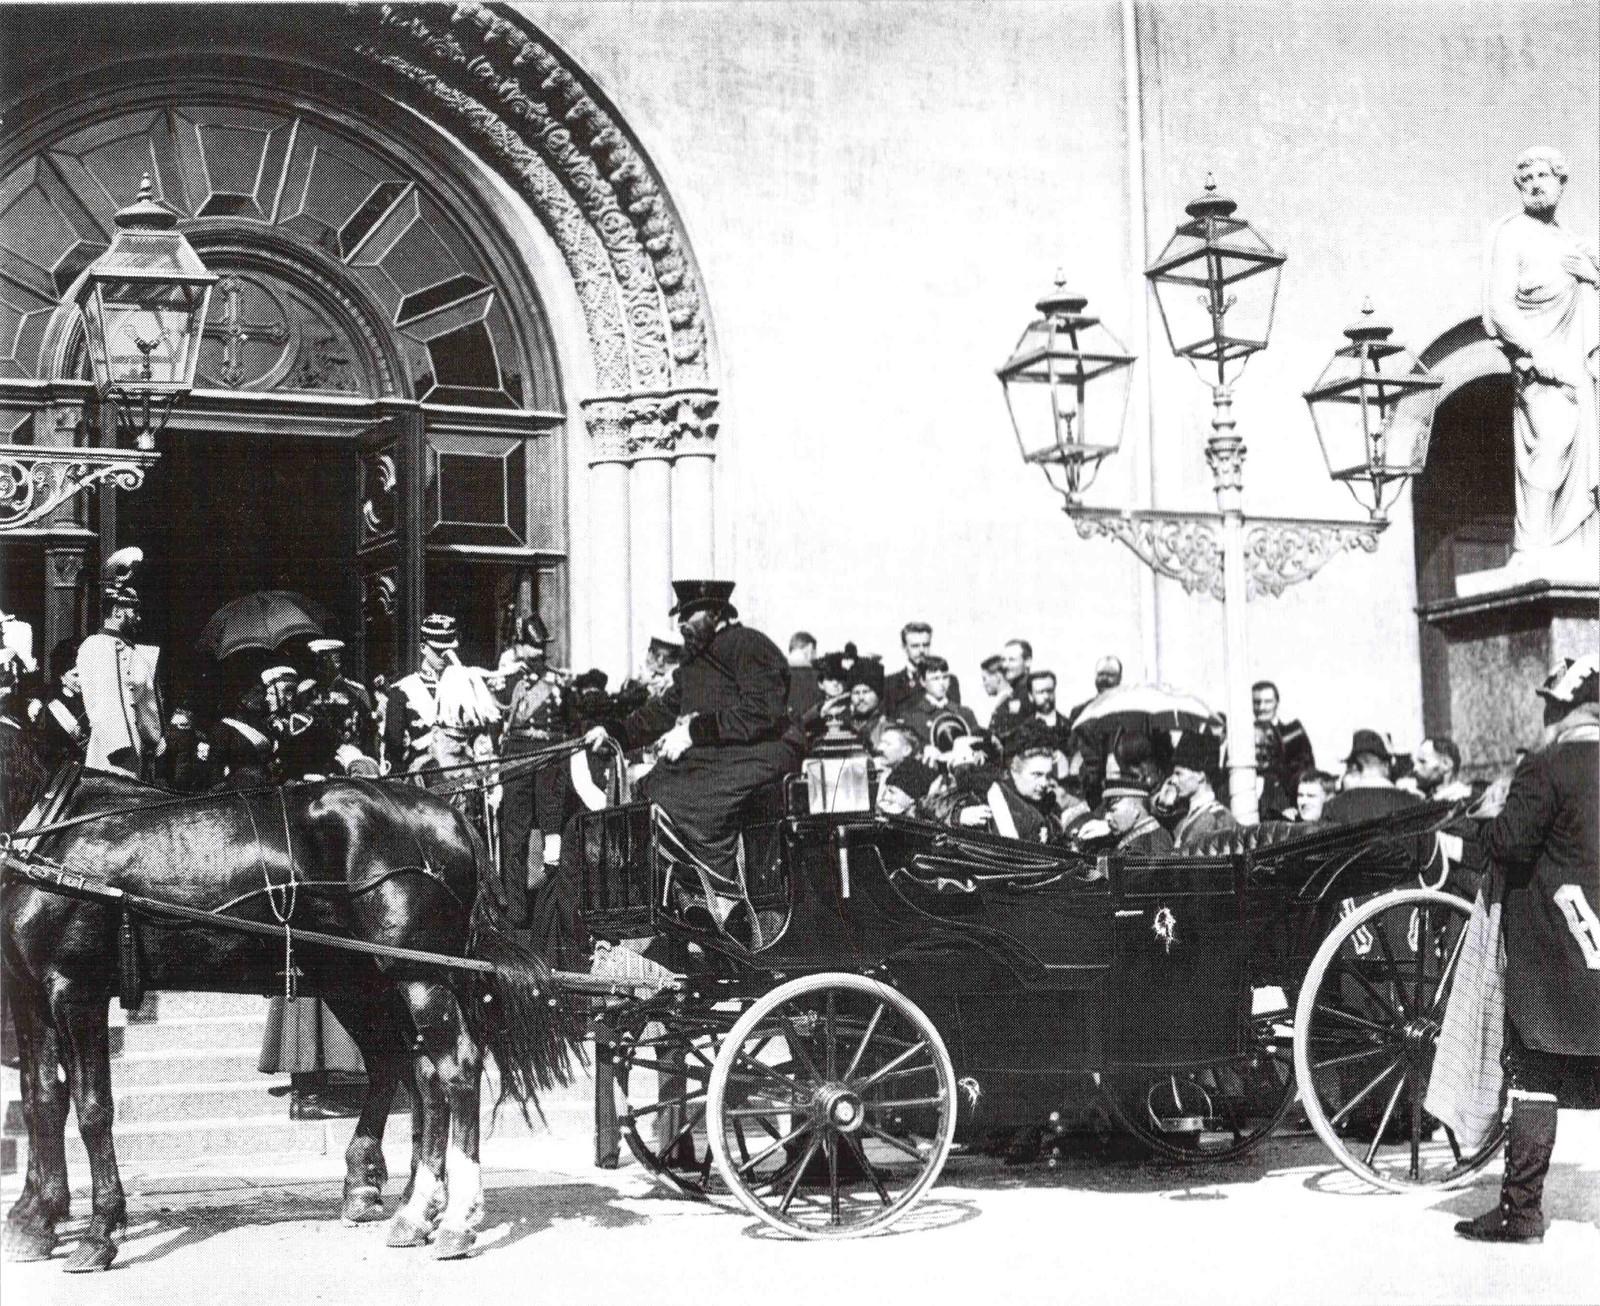 1901. Члены императорской семьи у Петрикирхе после траурной церемонии по германской императрице Виктории - матери Вильгельма II.